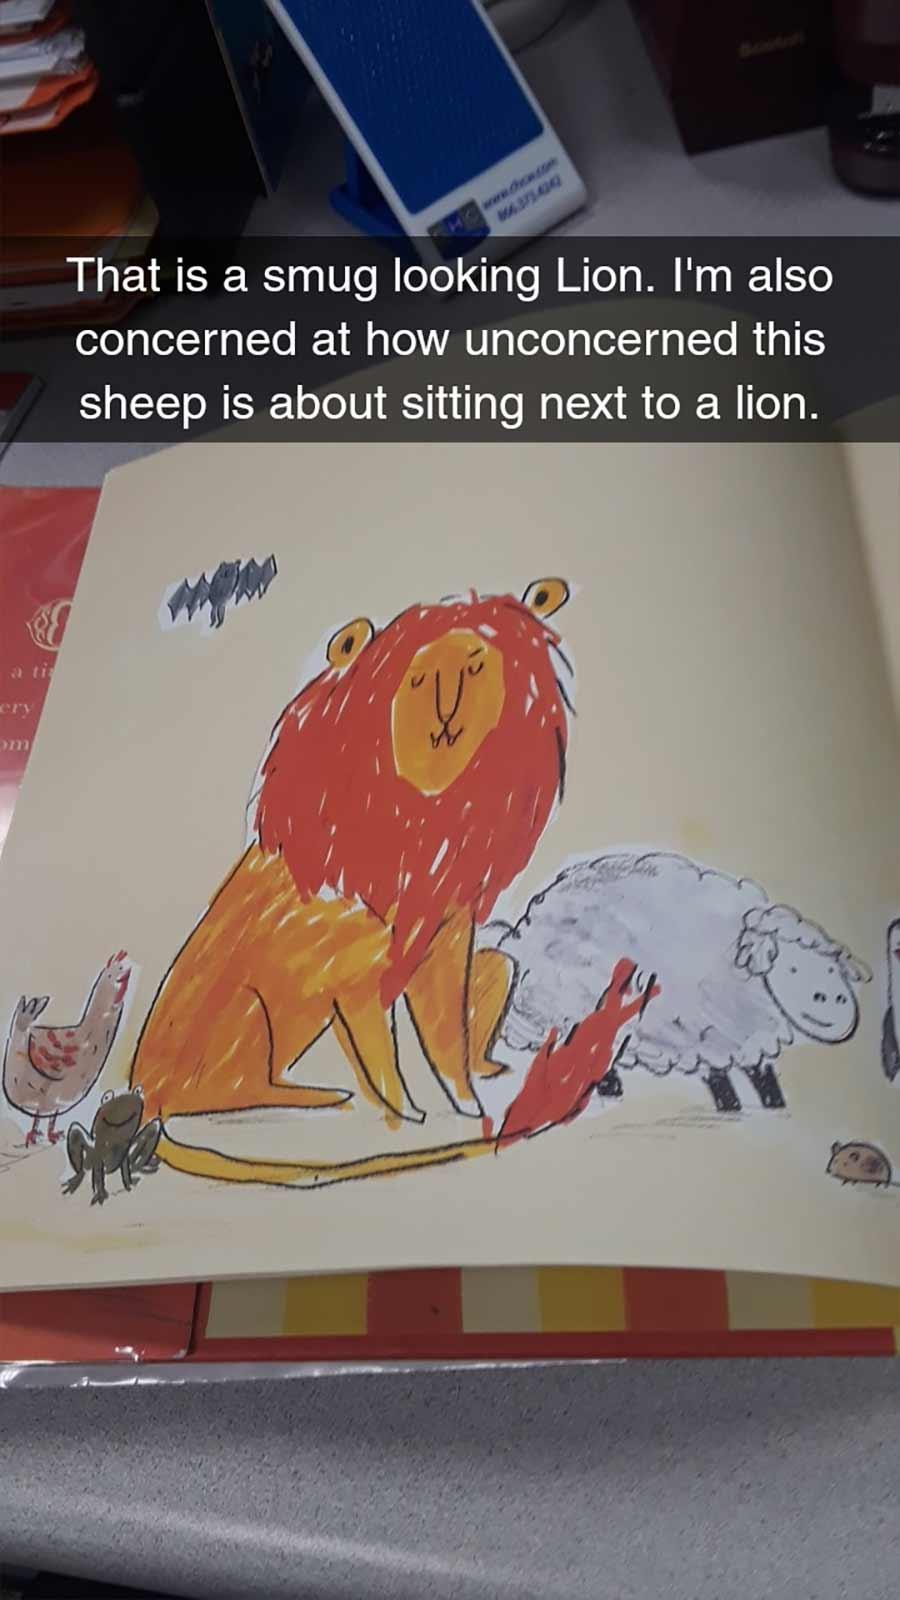 Erwachsene rezensiert Kinderbuch auf erfrischende Art A-Hungry-Lion-or-A-Dwindling-Assortment-of-Animals_03